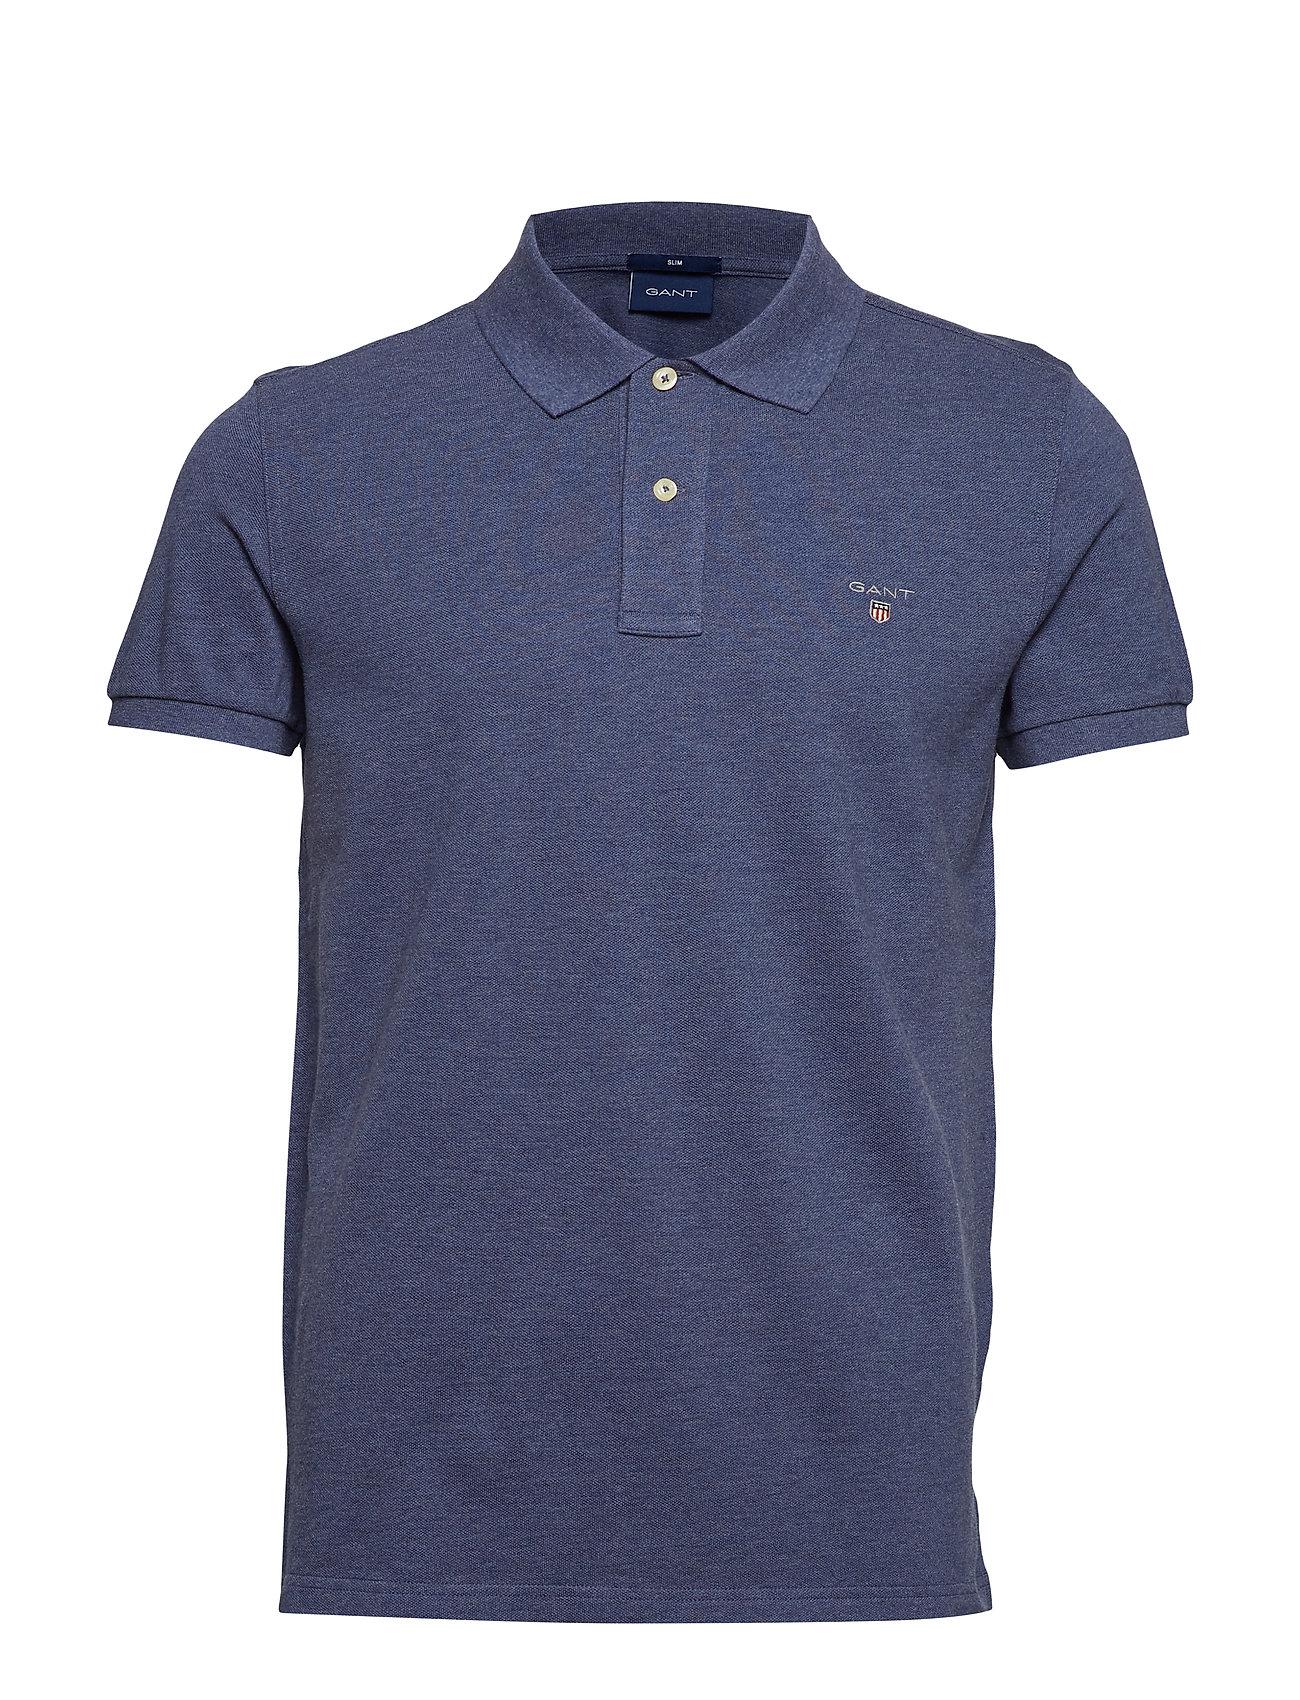 The Original Fitted Pique Ss Rugger Poloshirt Blå GANT